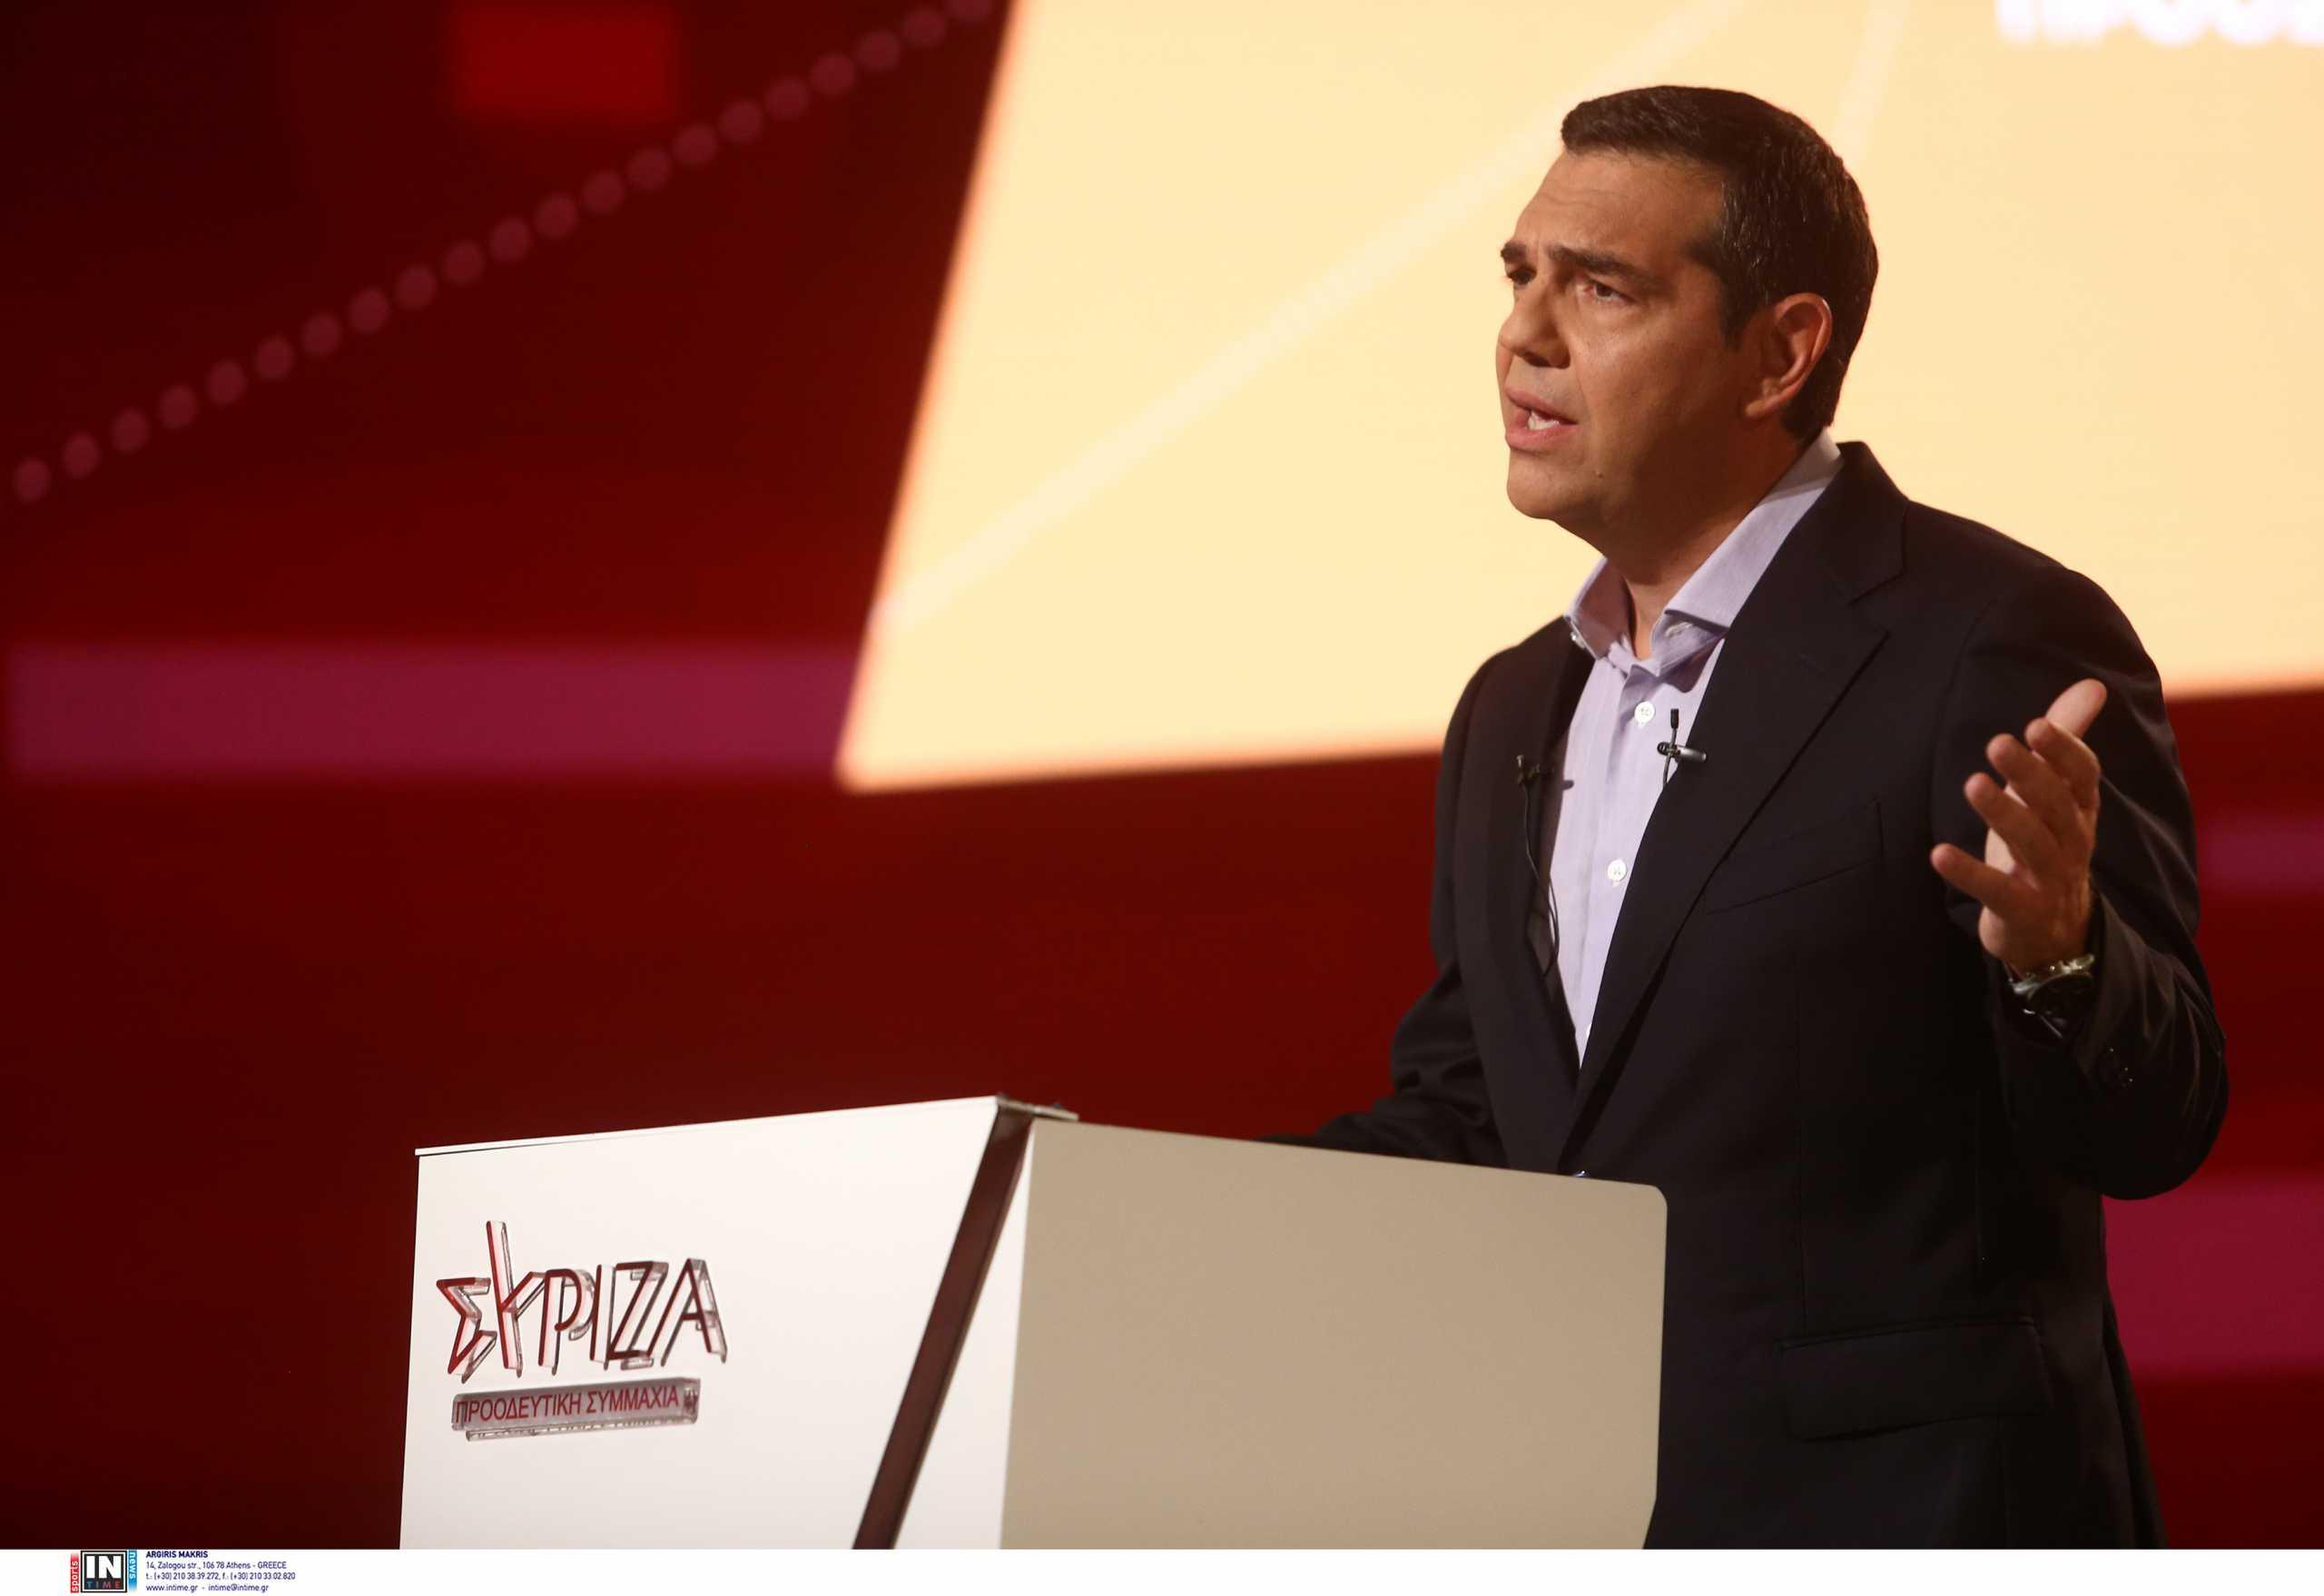 ΣΥΡΙΖΑ: Στην Ηλεία ο Τσίπρας – Προβληματισμός για τα μνημόνια με την Βόρεια Μακεδονία